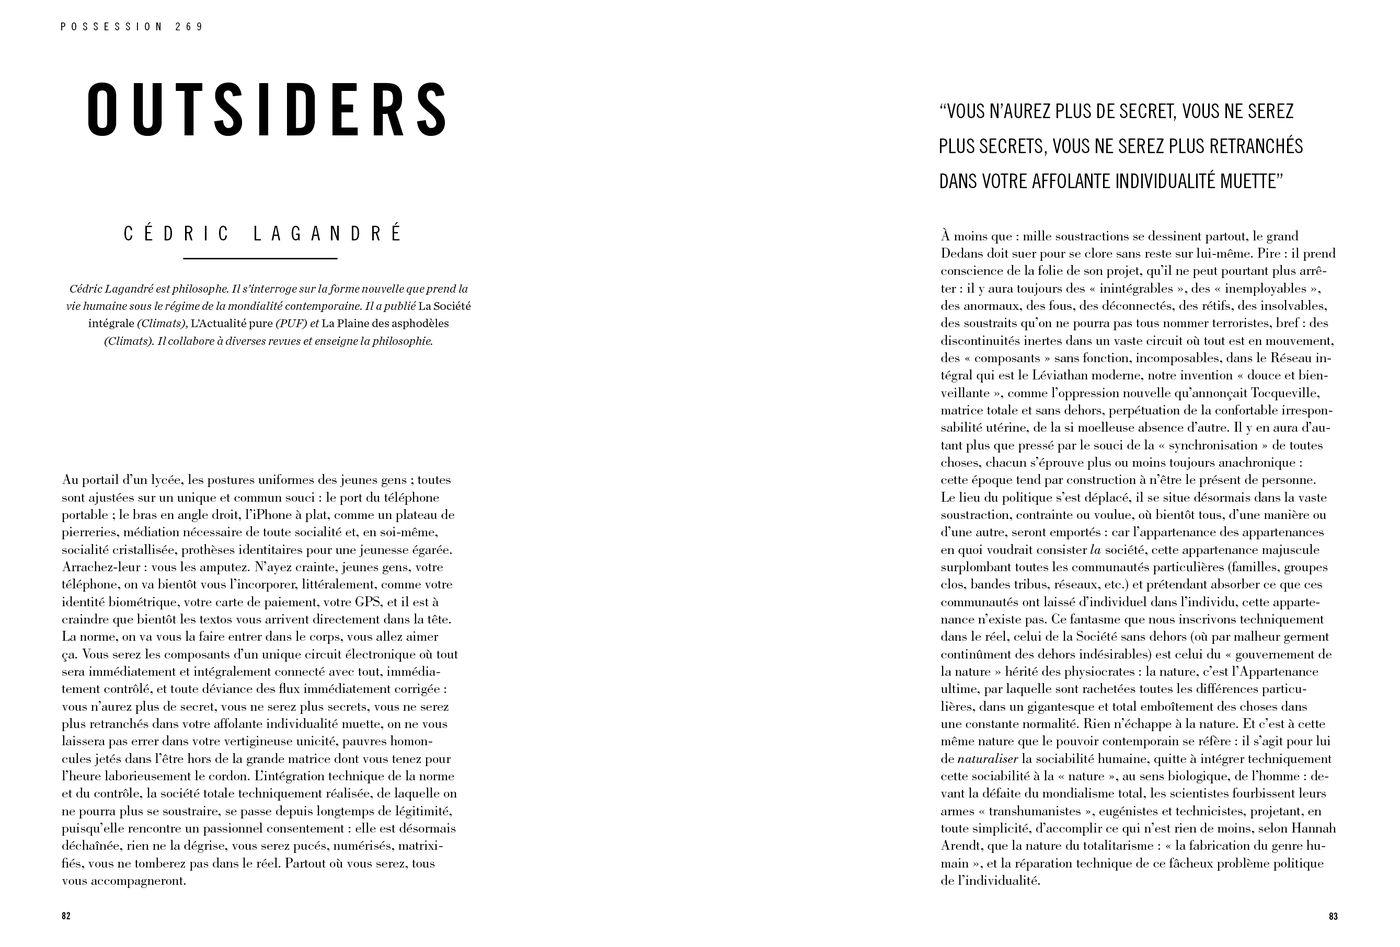 Possession Immédiate Volume 5 - Texte de Cédric Lagandré, Outsiders